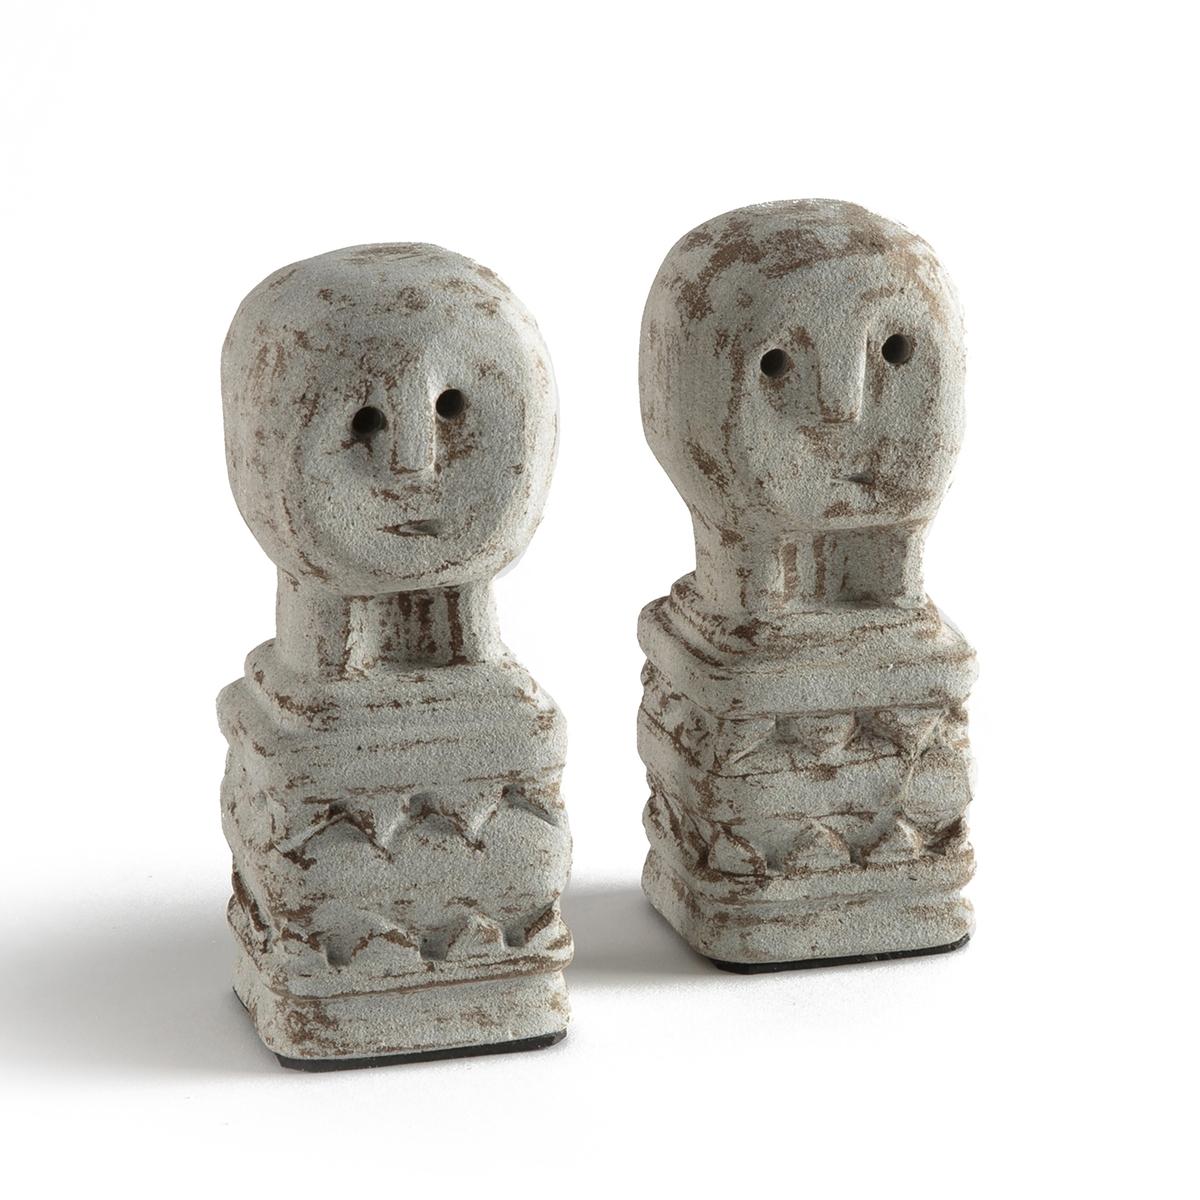 2 статуэтки из камня Выс15 см, Aphélie